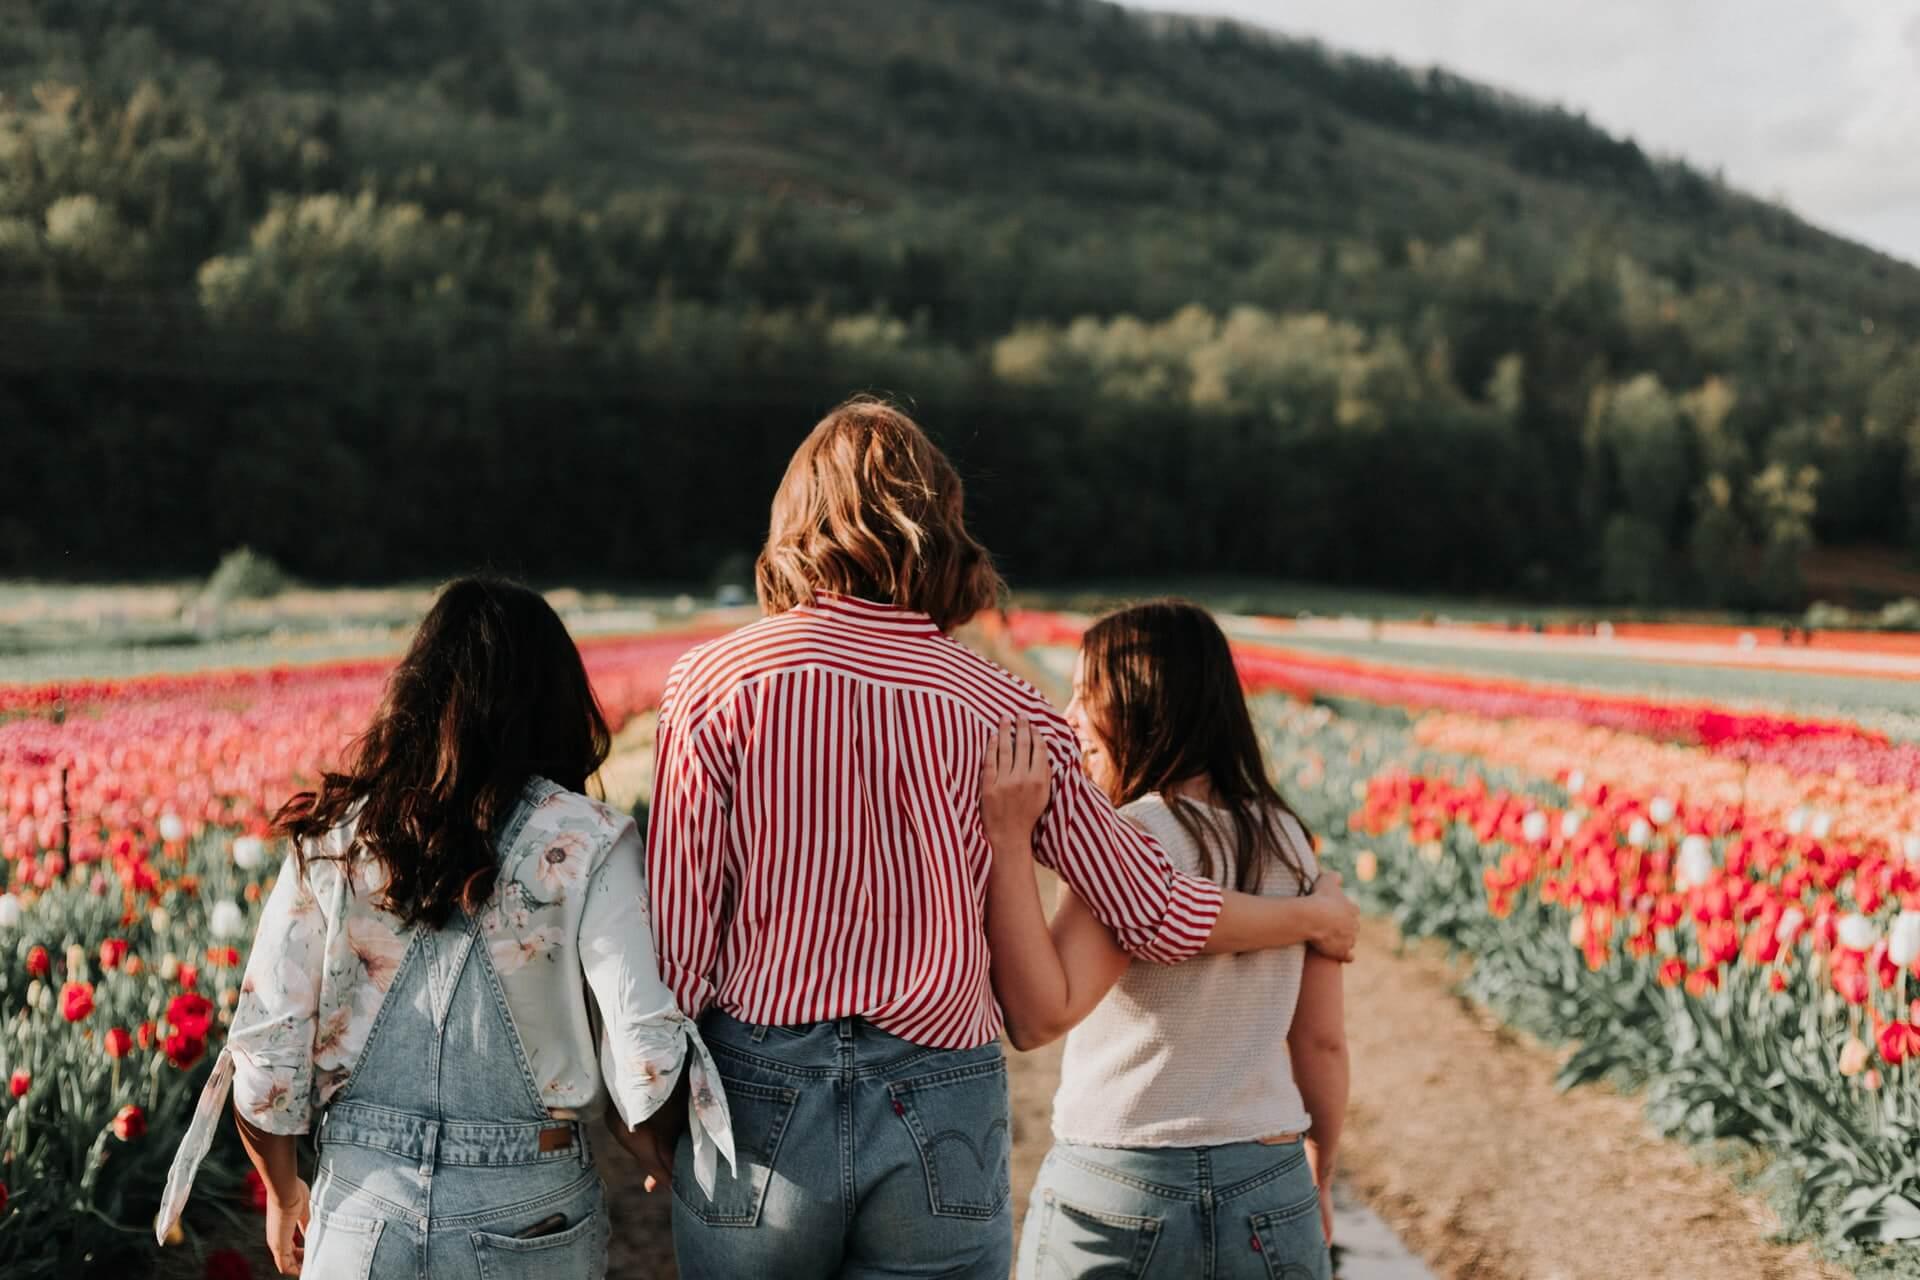 Three women walking on a field